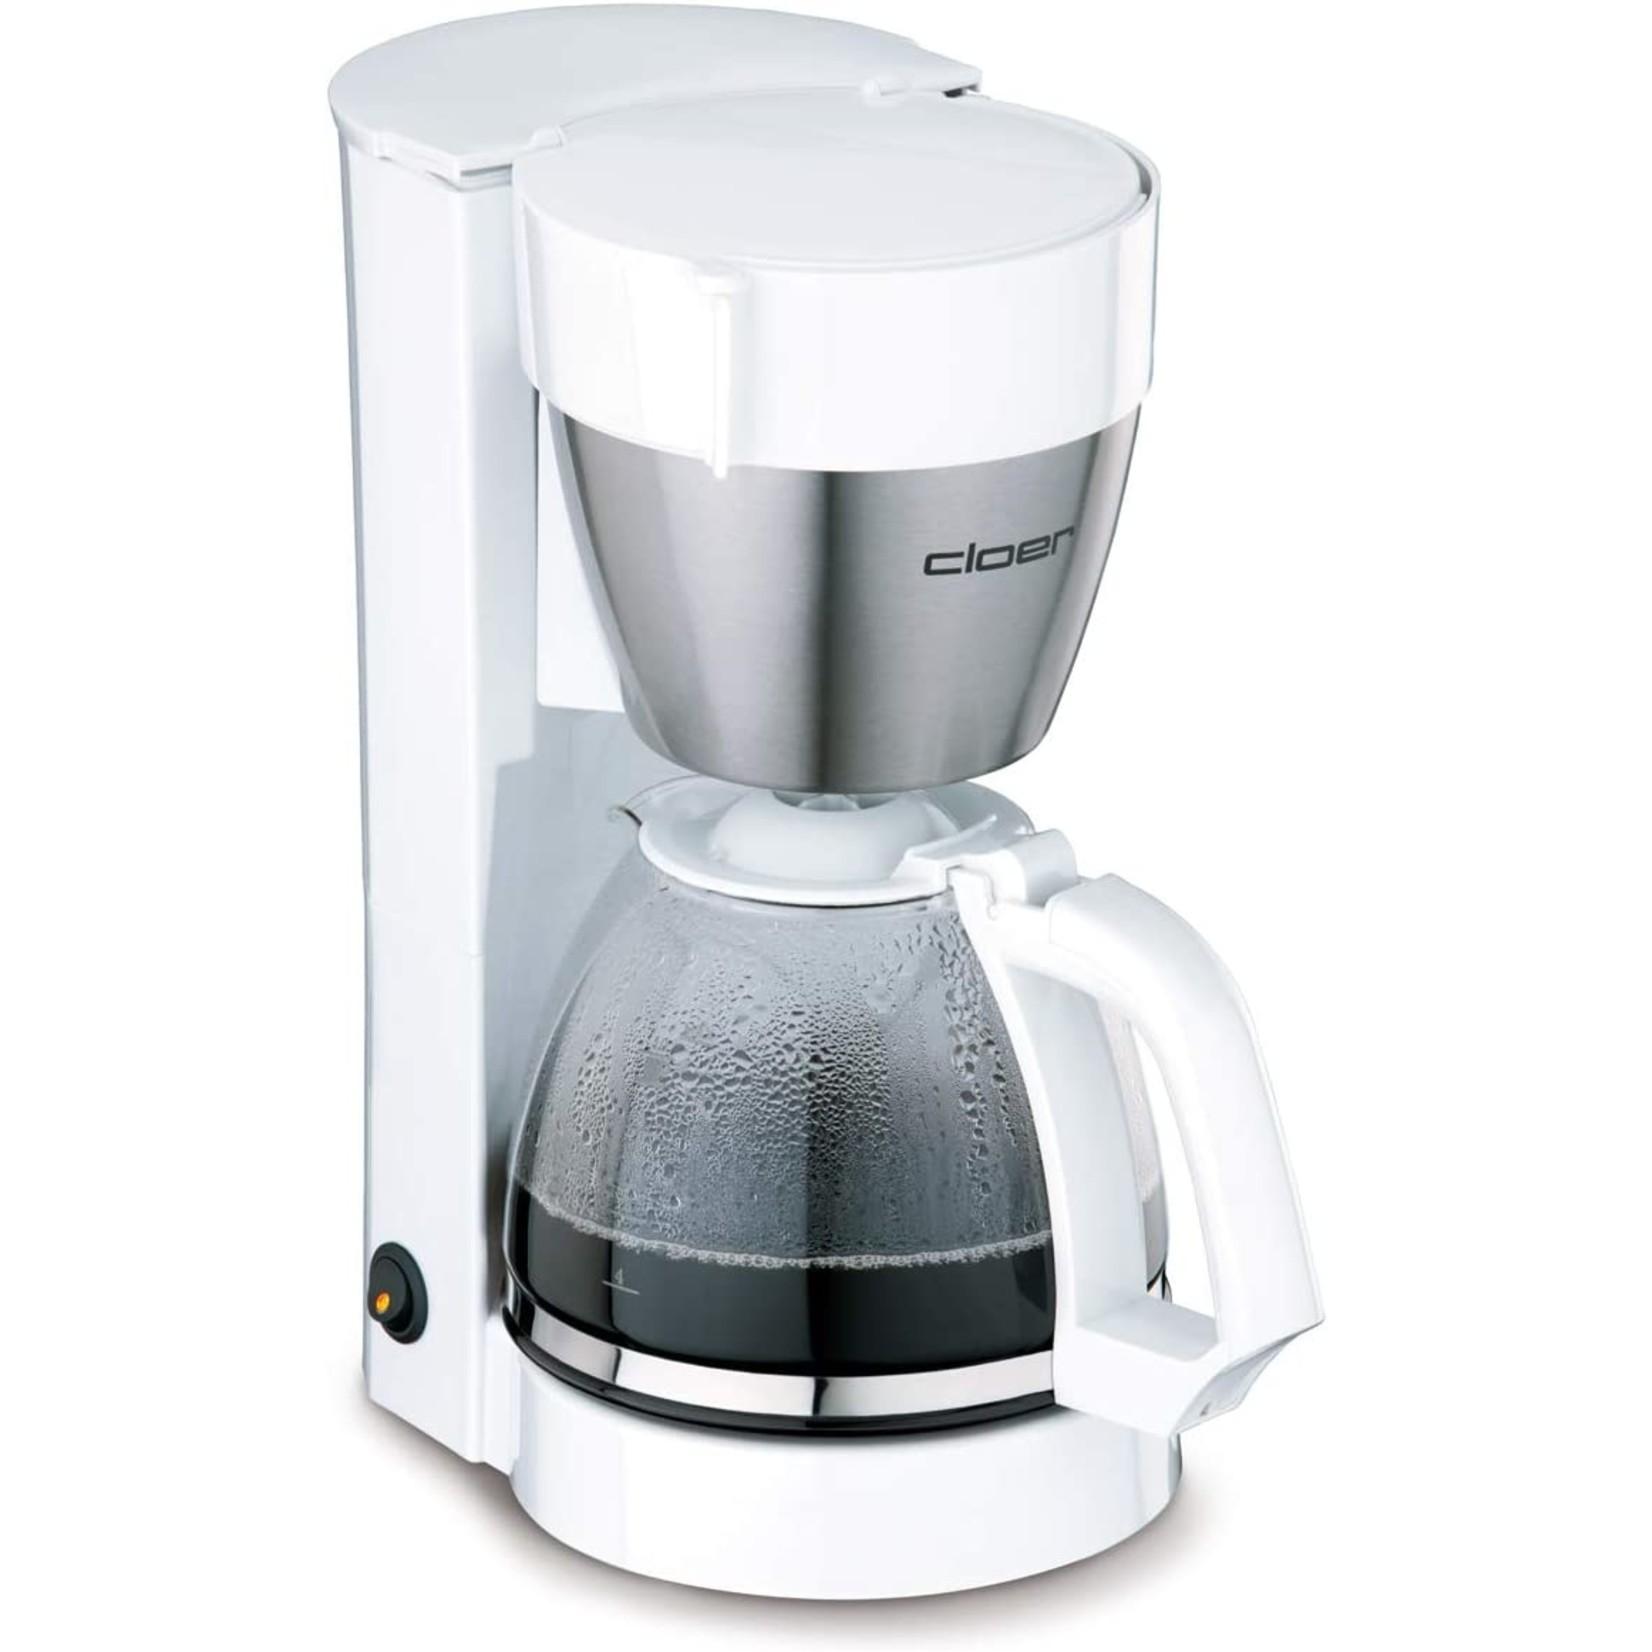 Cloer Cloer koffiezetapparaat 5011